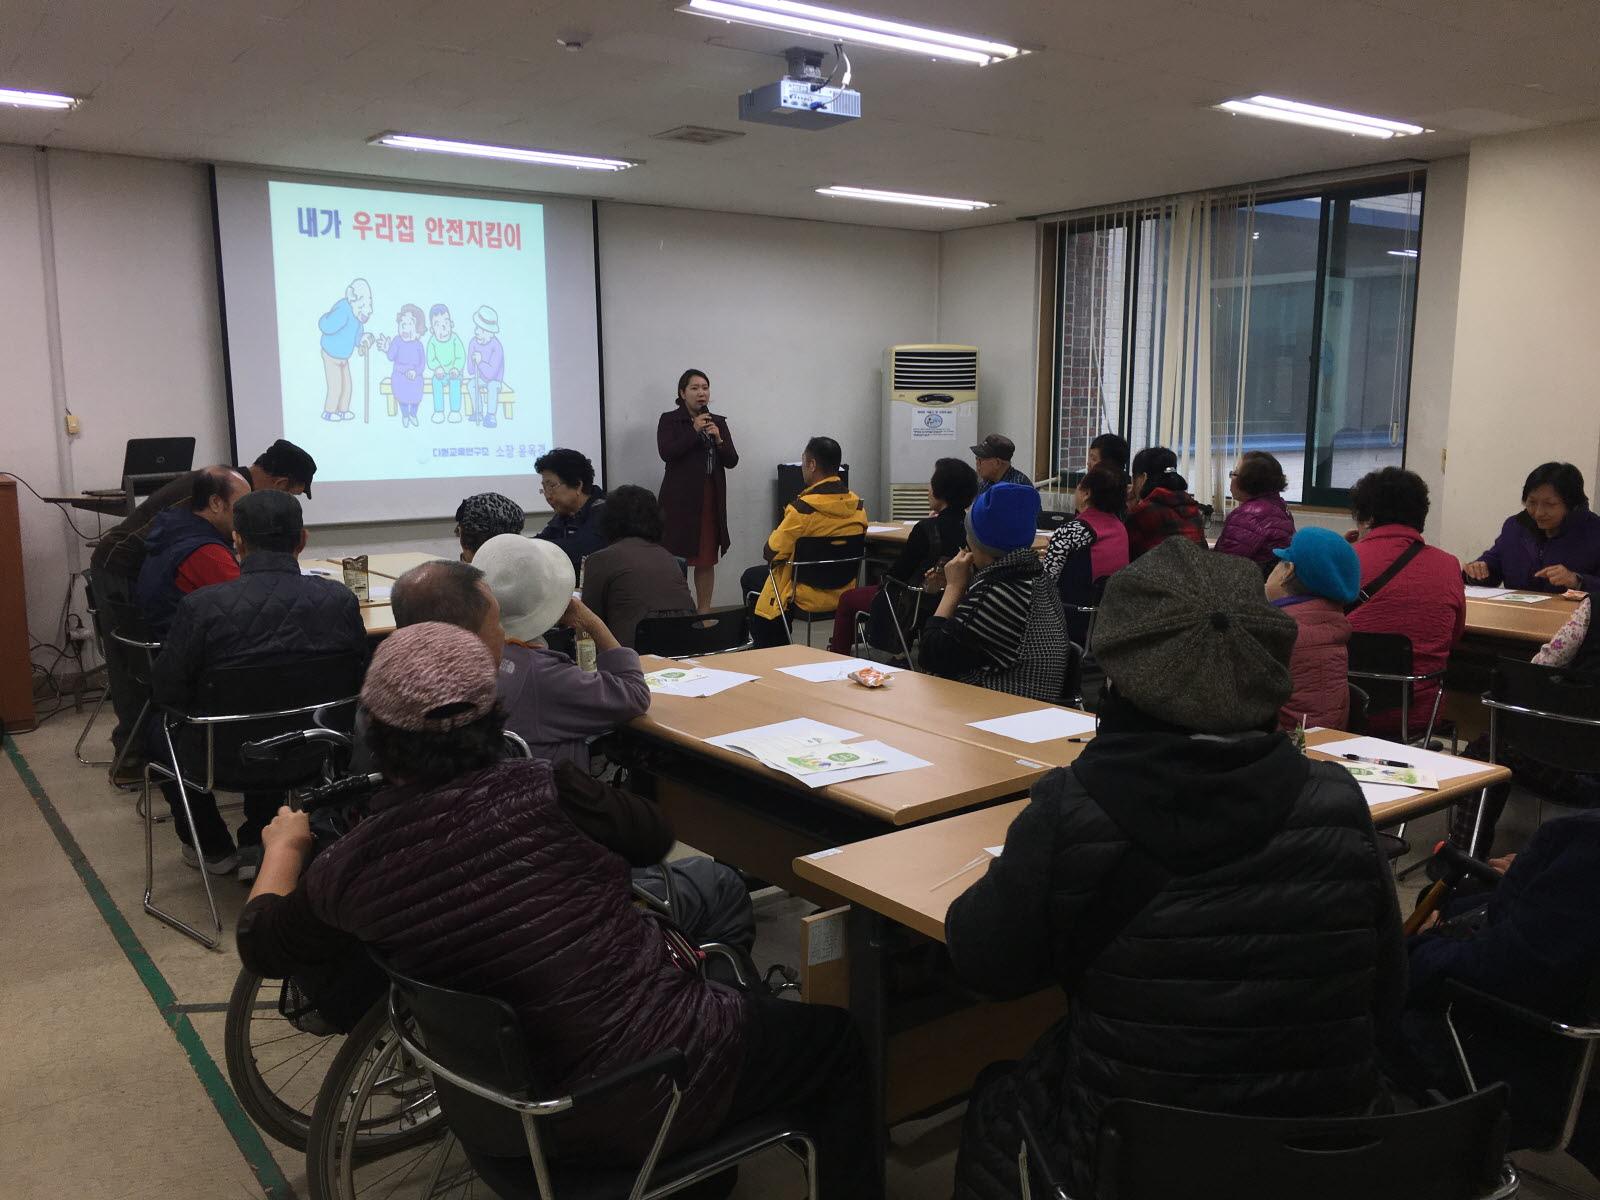 집중력있게 생활안전교육을 듣는 참가자들의 사진한장~!